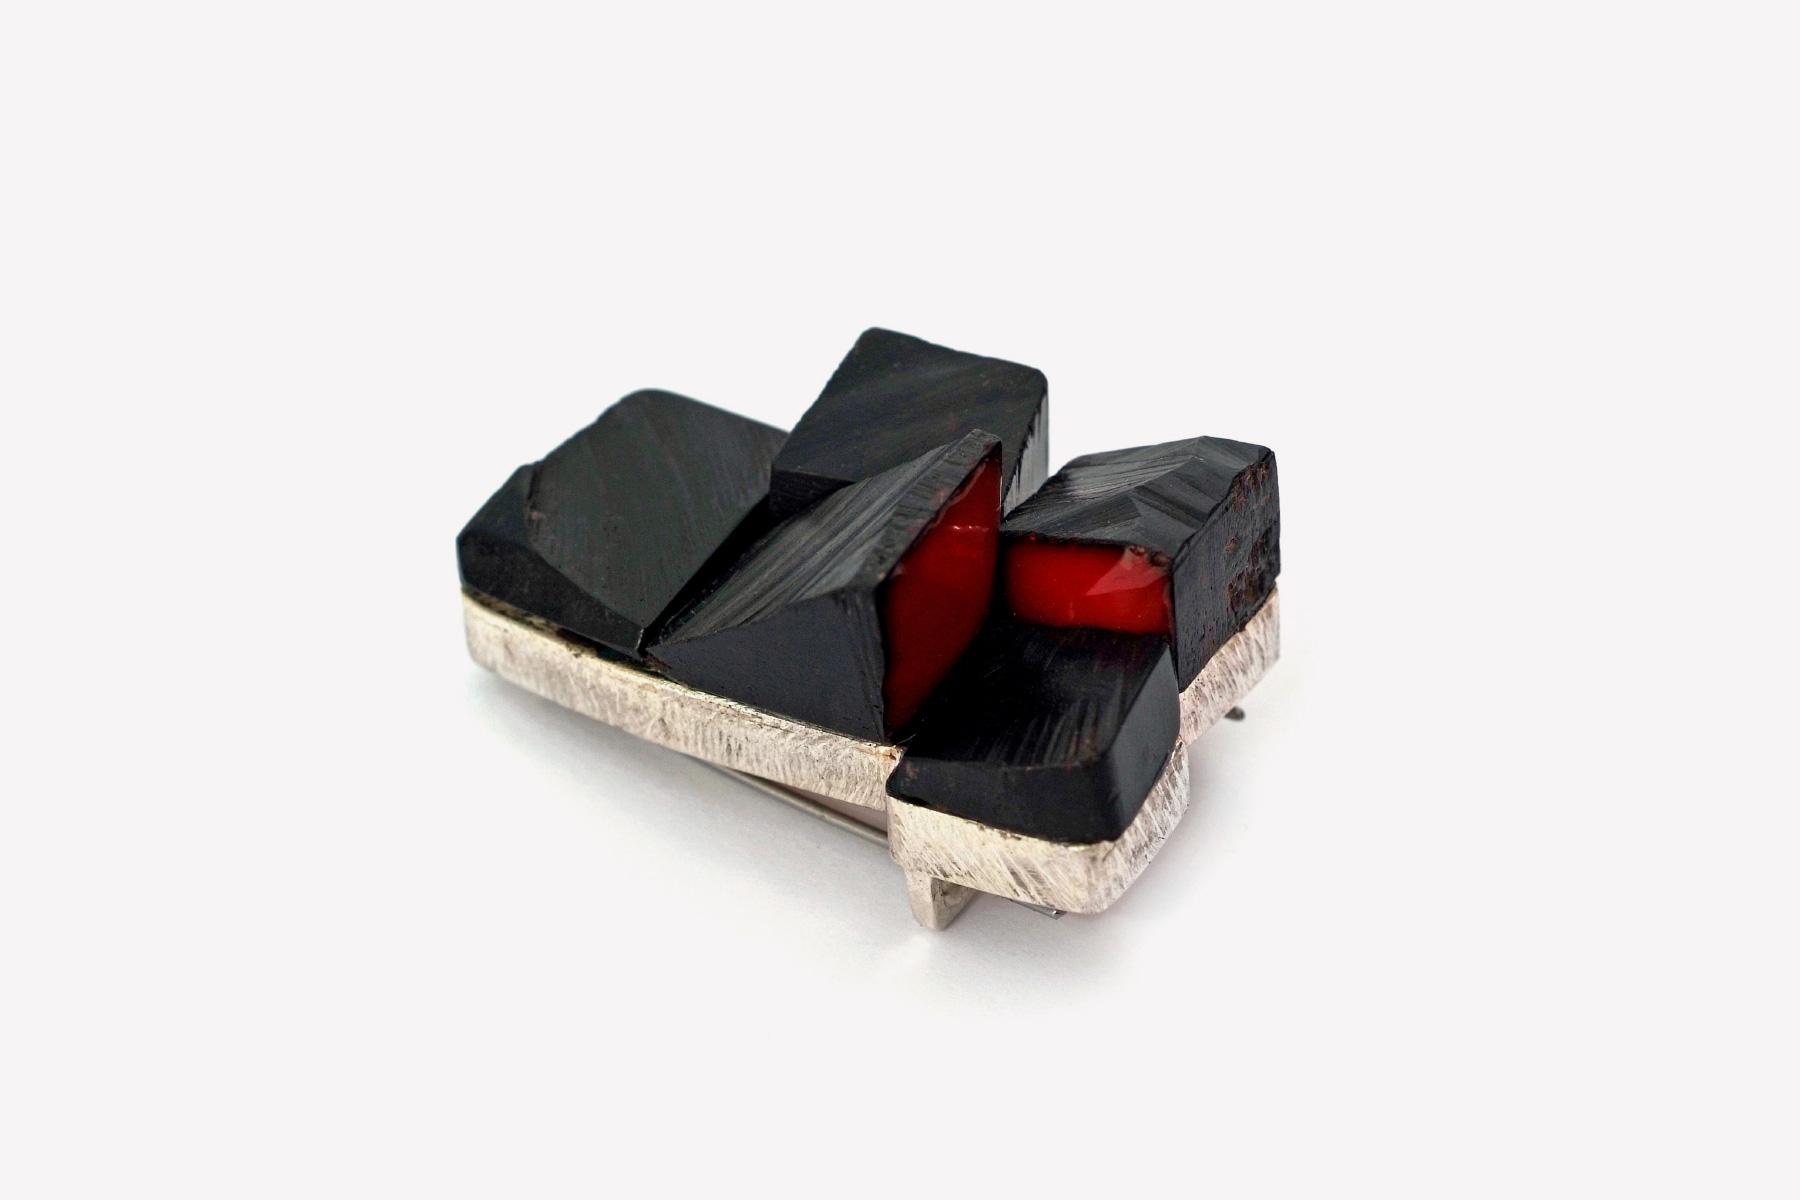 Stenia Scarselli brooch per piano rosso silver ebony two component resin